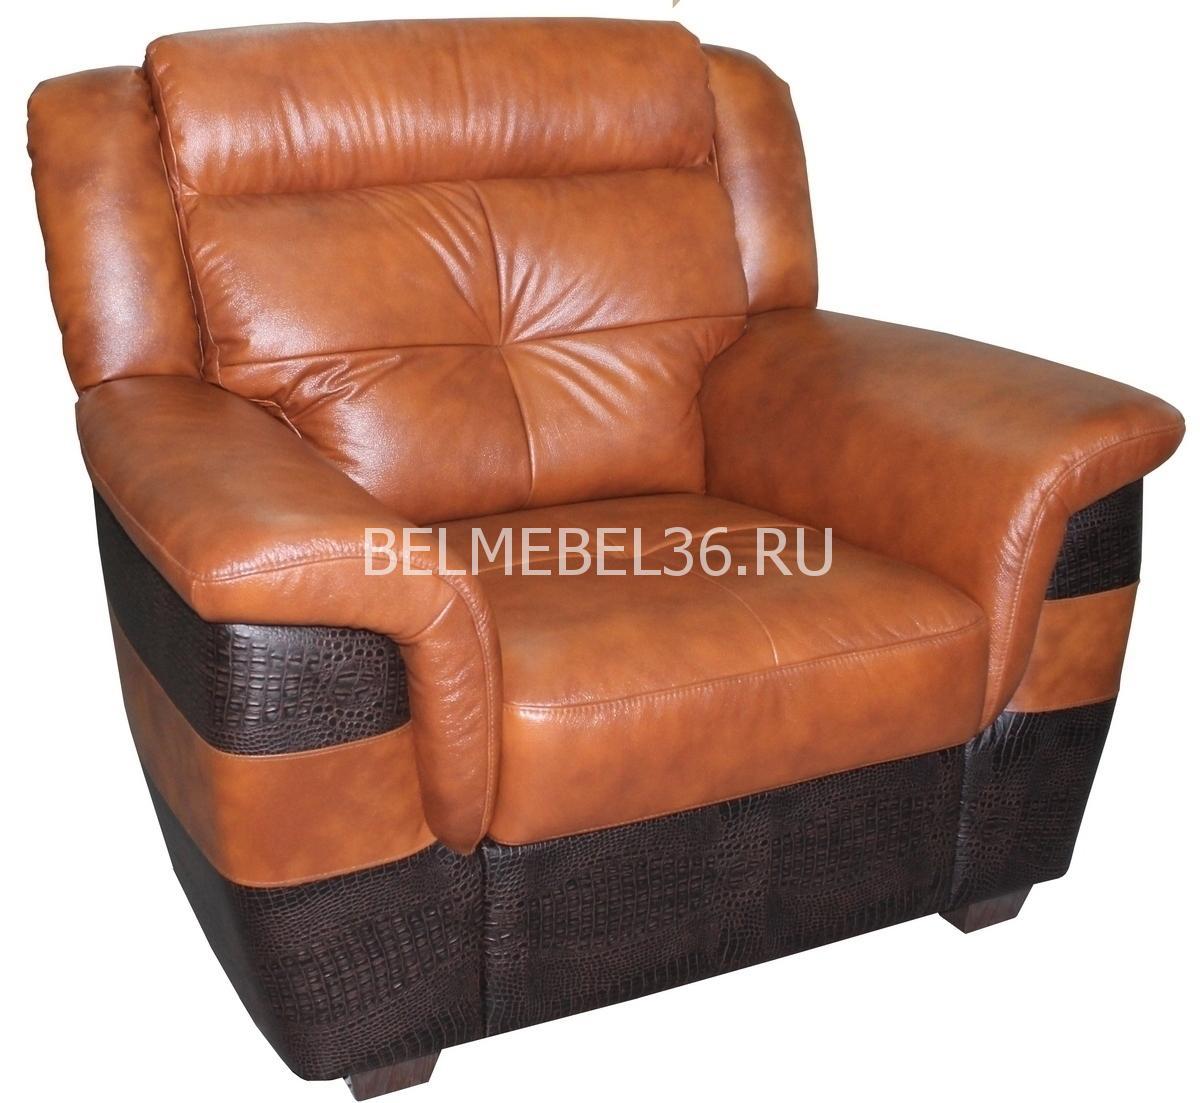 Кресло Мэдисон (12) П-Д045 | Белорусская мебель в Воронеже